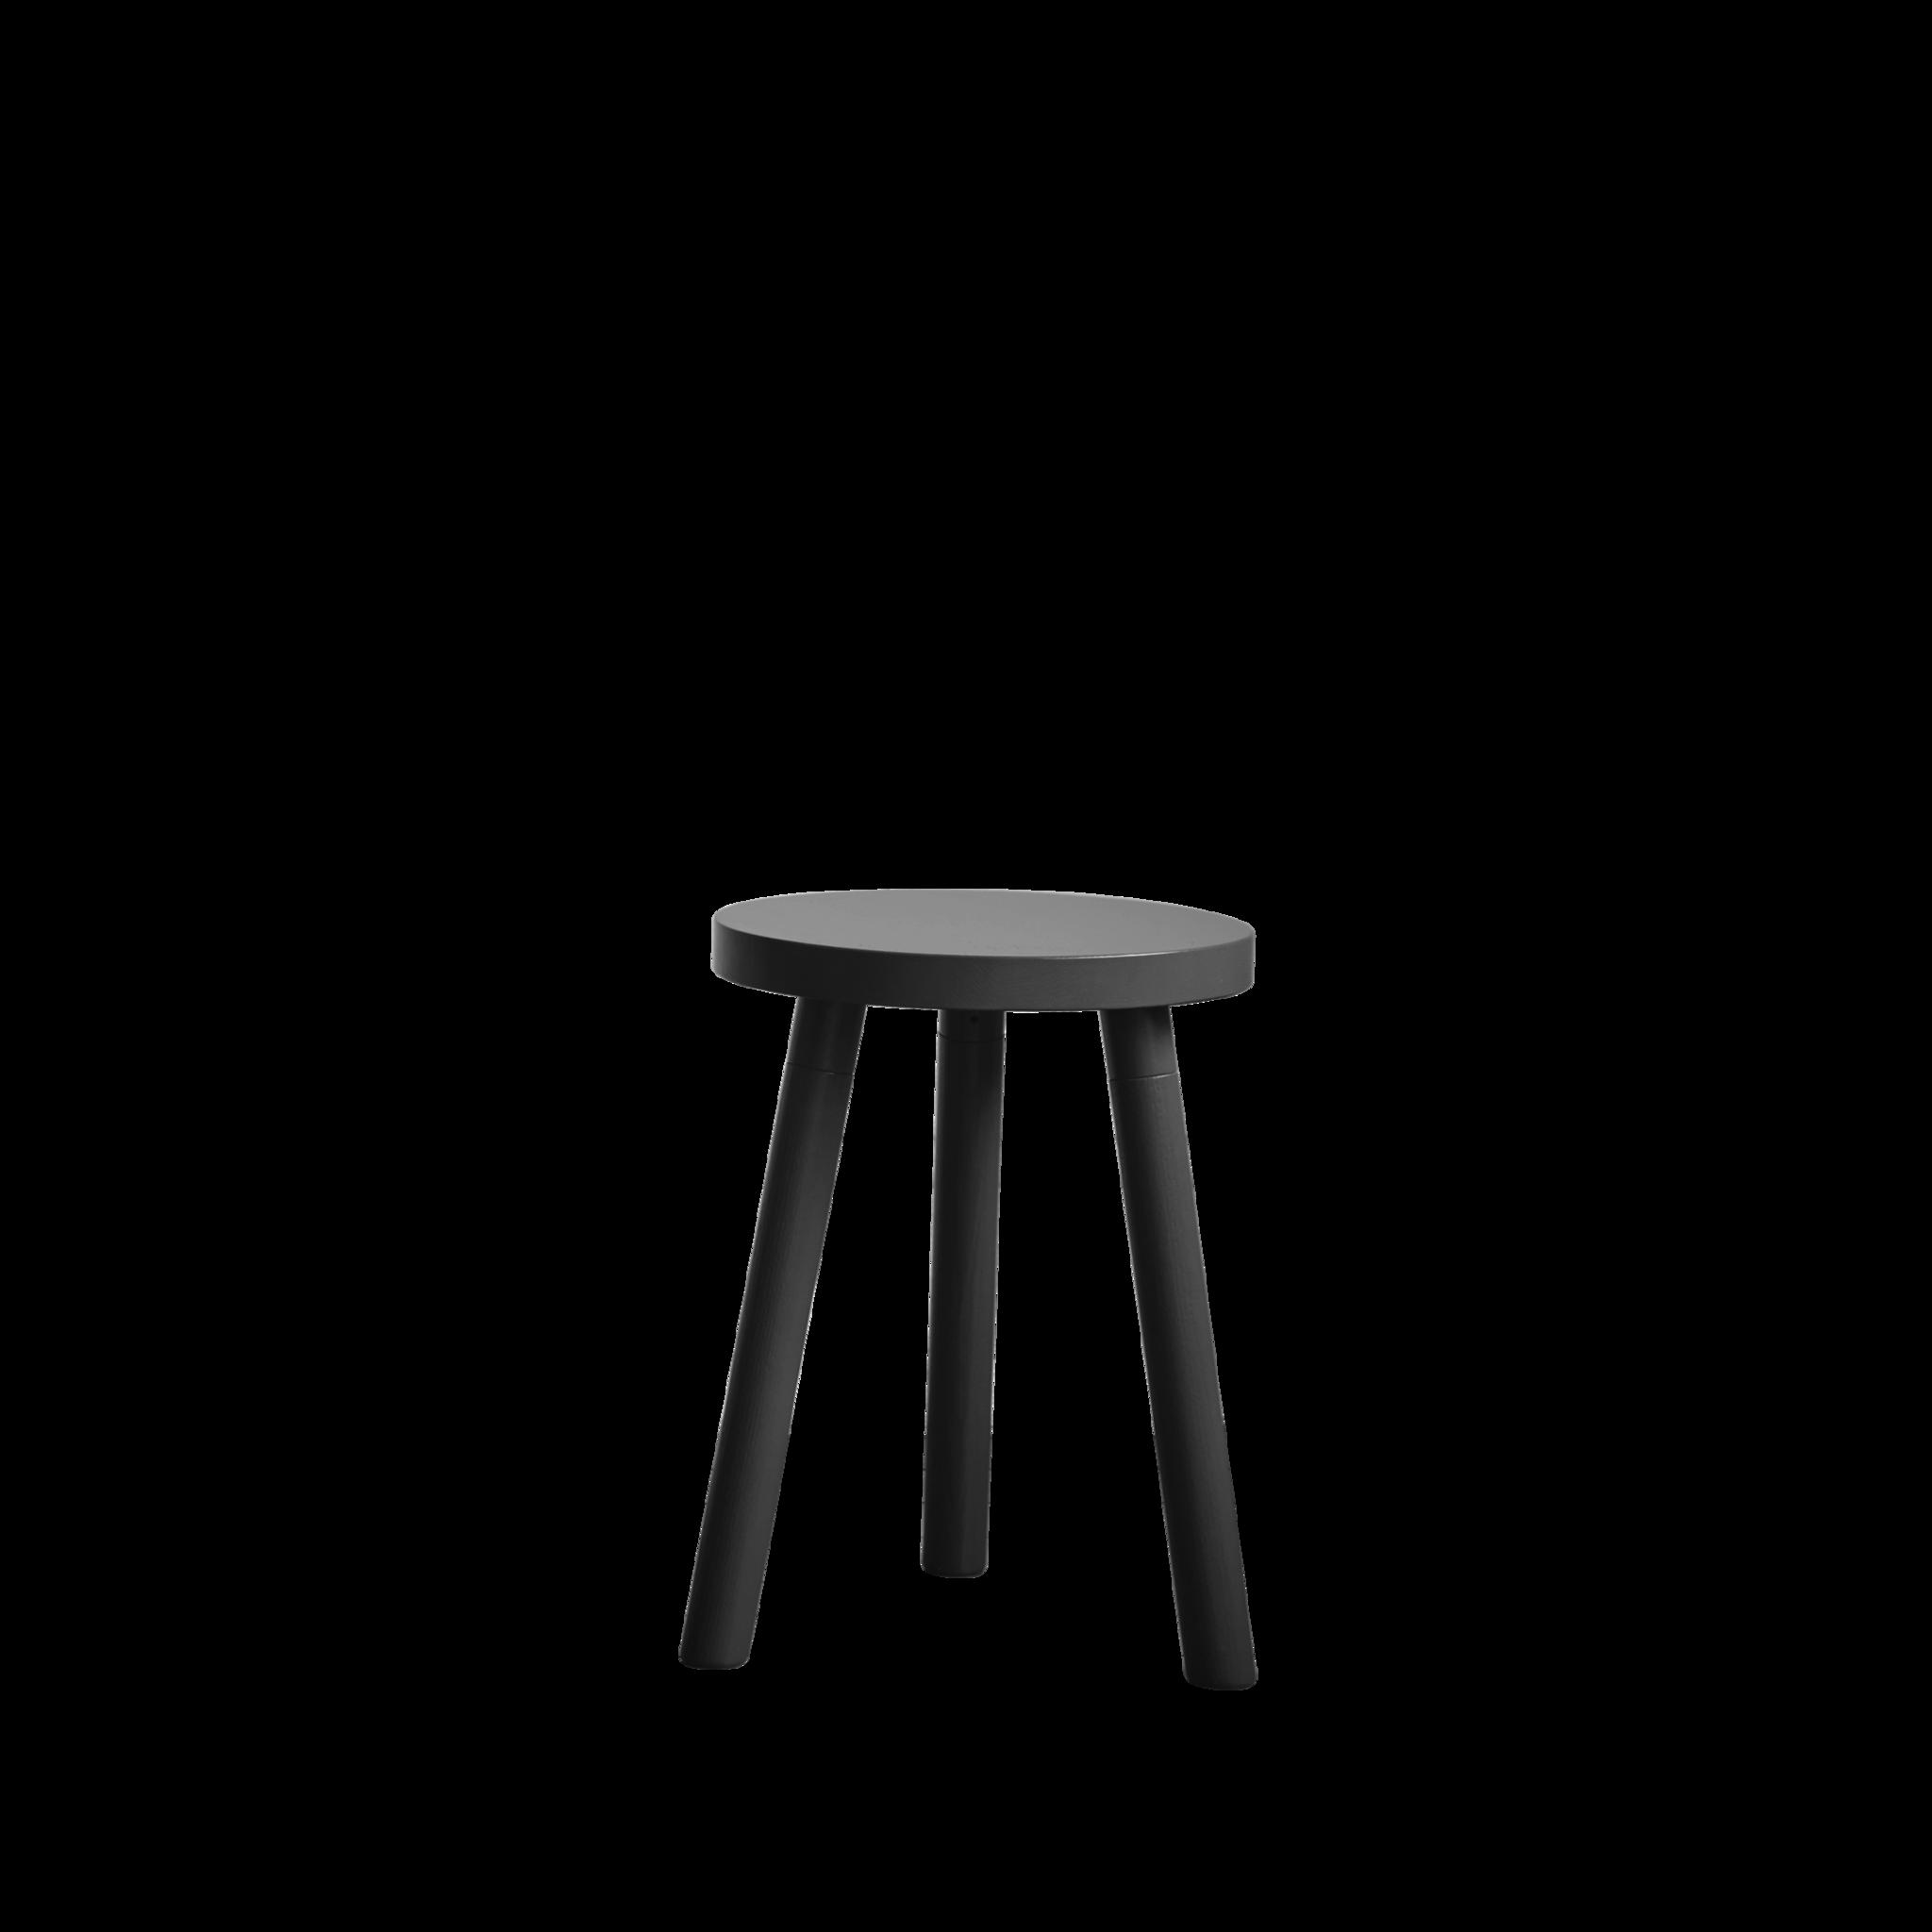 Cool Partridge Low Stool Colour Block Low Stool Stool Inzonedesignstudio Interior Chair Design Inzonedesignstudiocom